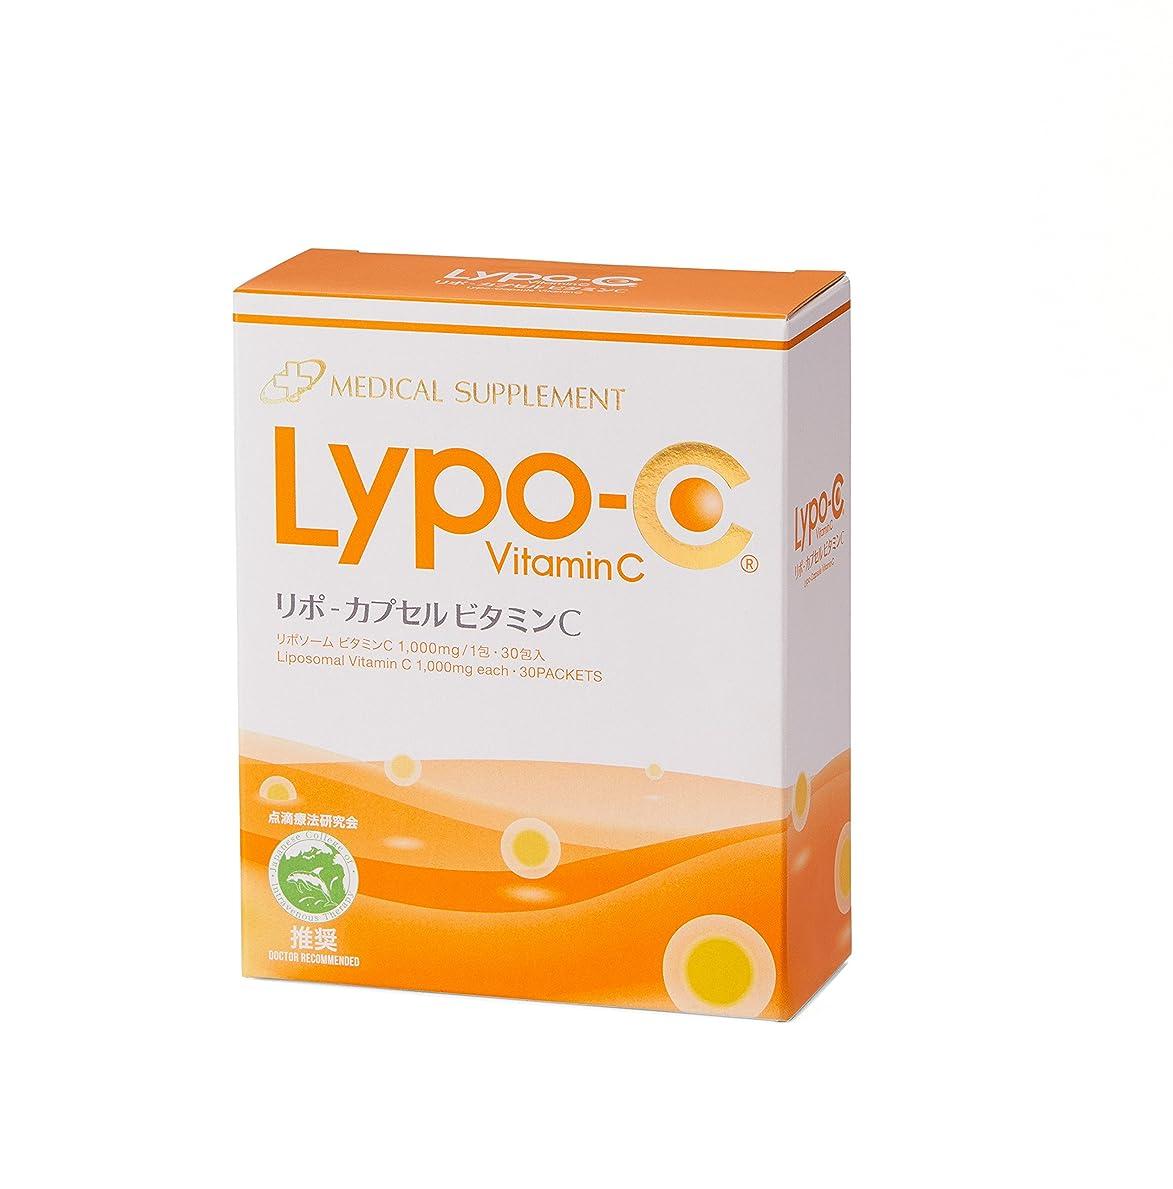 演劇蚊分子Lypo-C リポ カプセルビタミンC